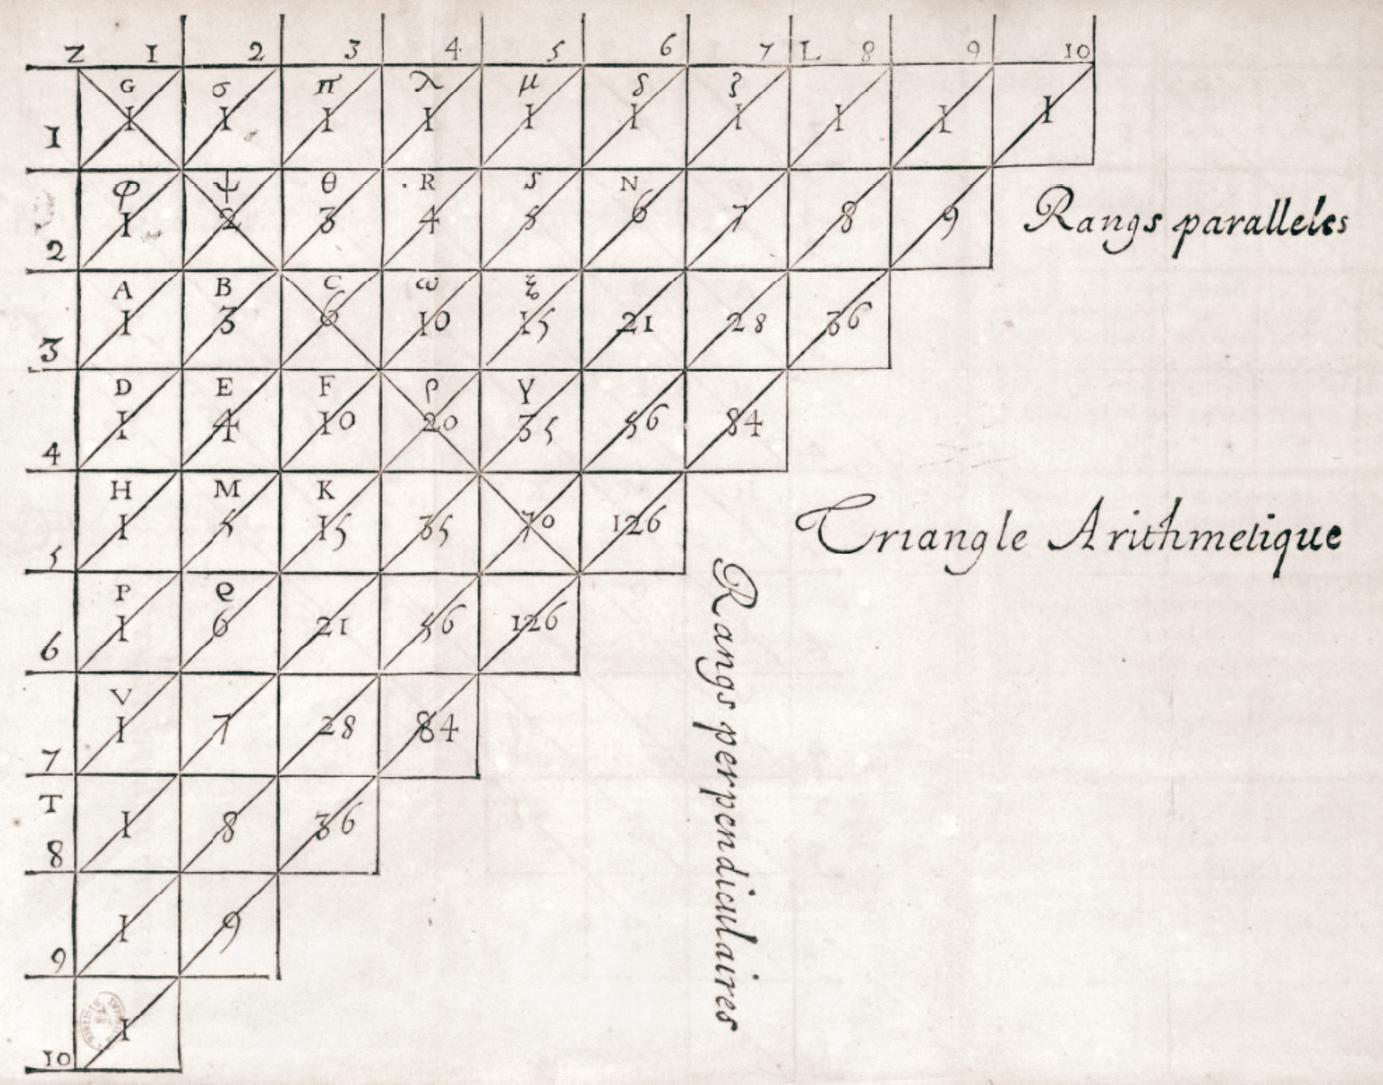 Maths spécialité - Activités - Histoire des mathématiques - Traité du triangle arithmétique, Blaise Pascal, 1654.